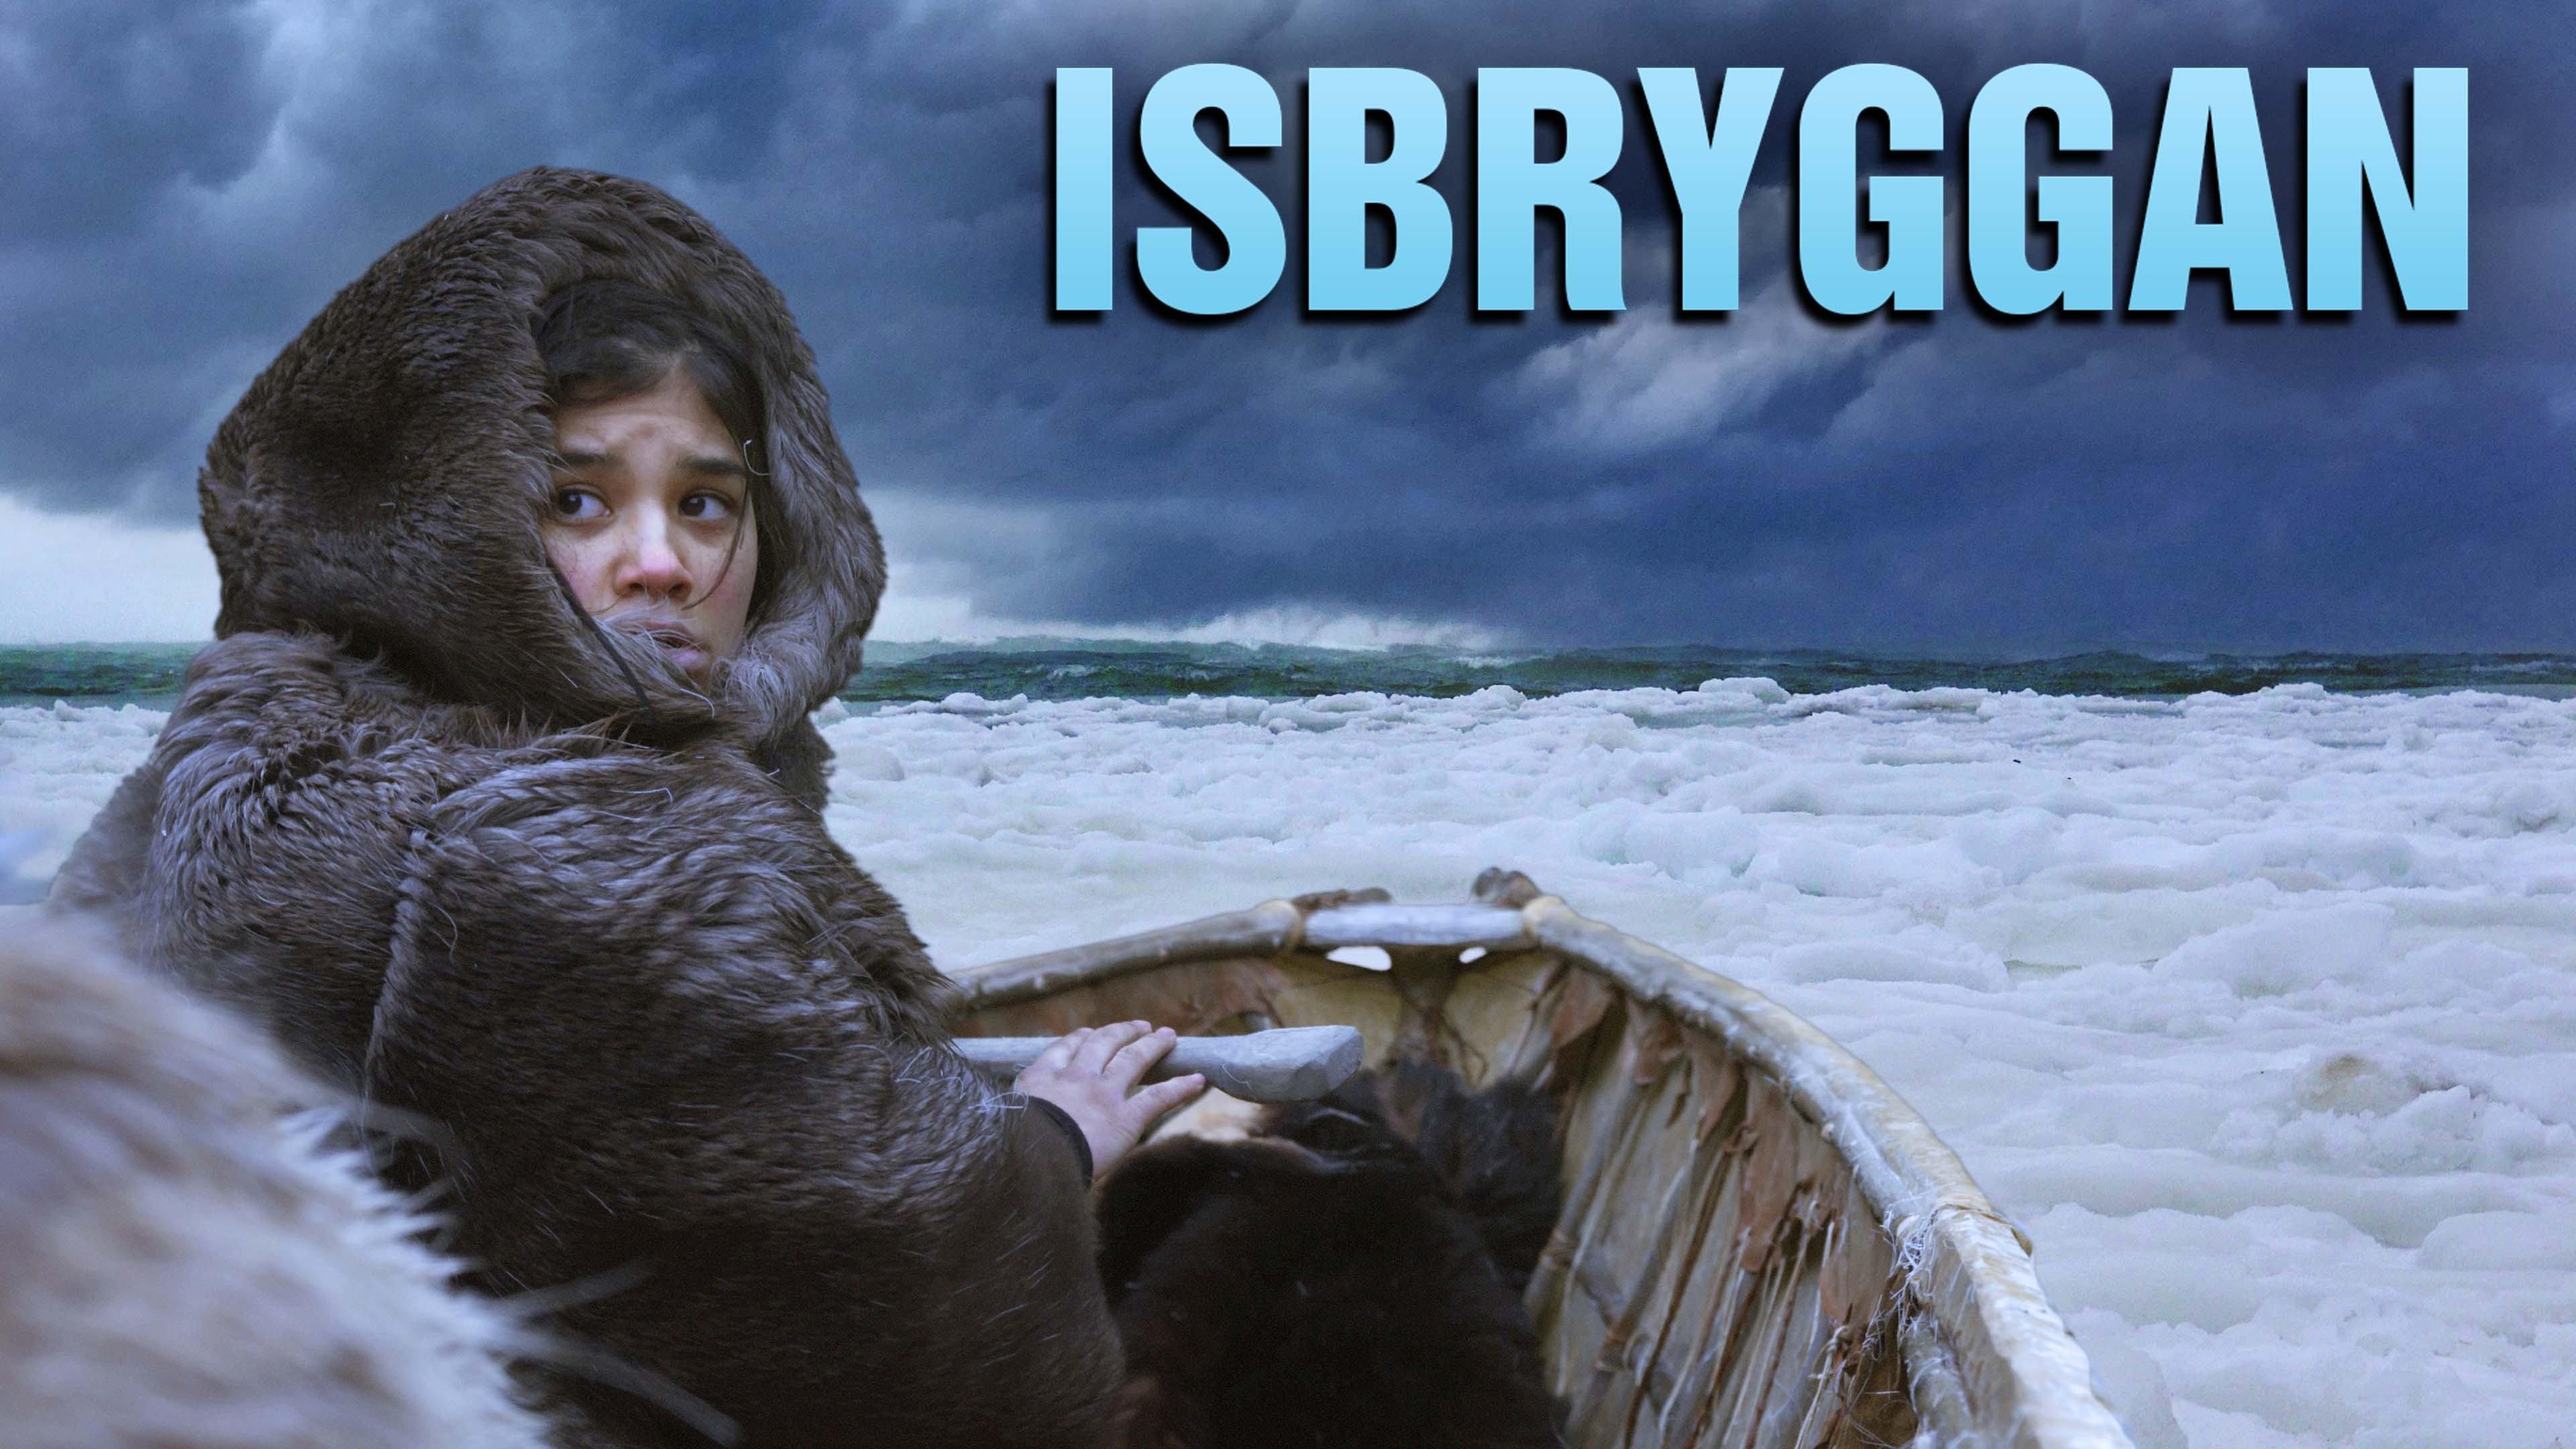 Isbryggan